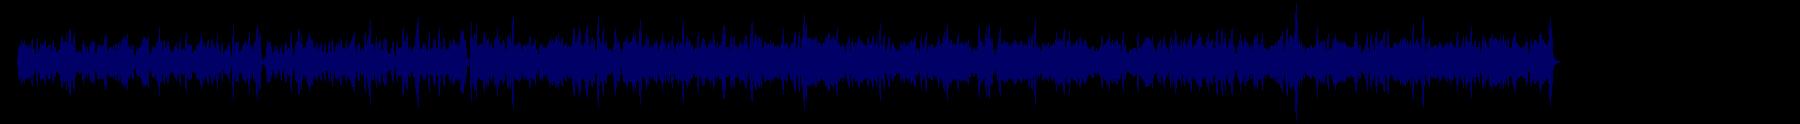 waveform of track #68018